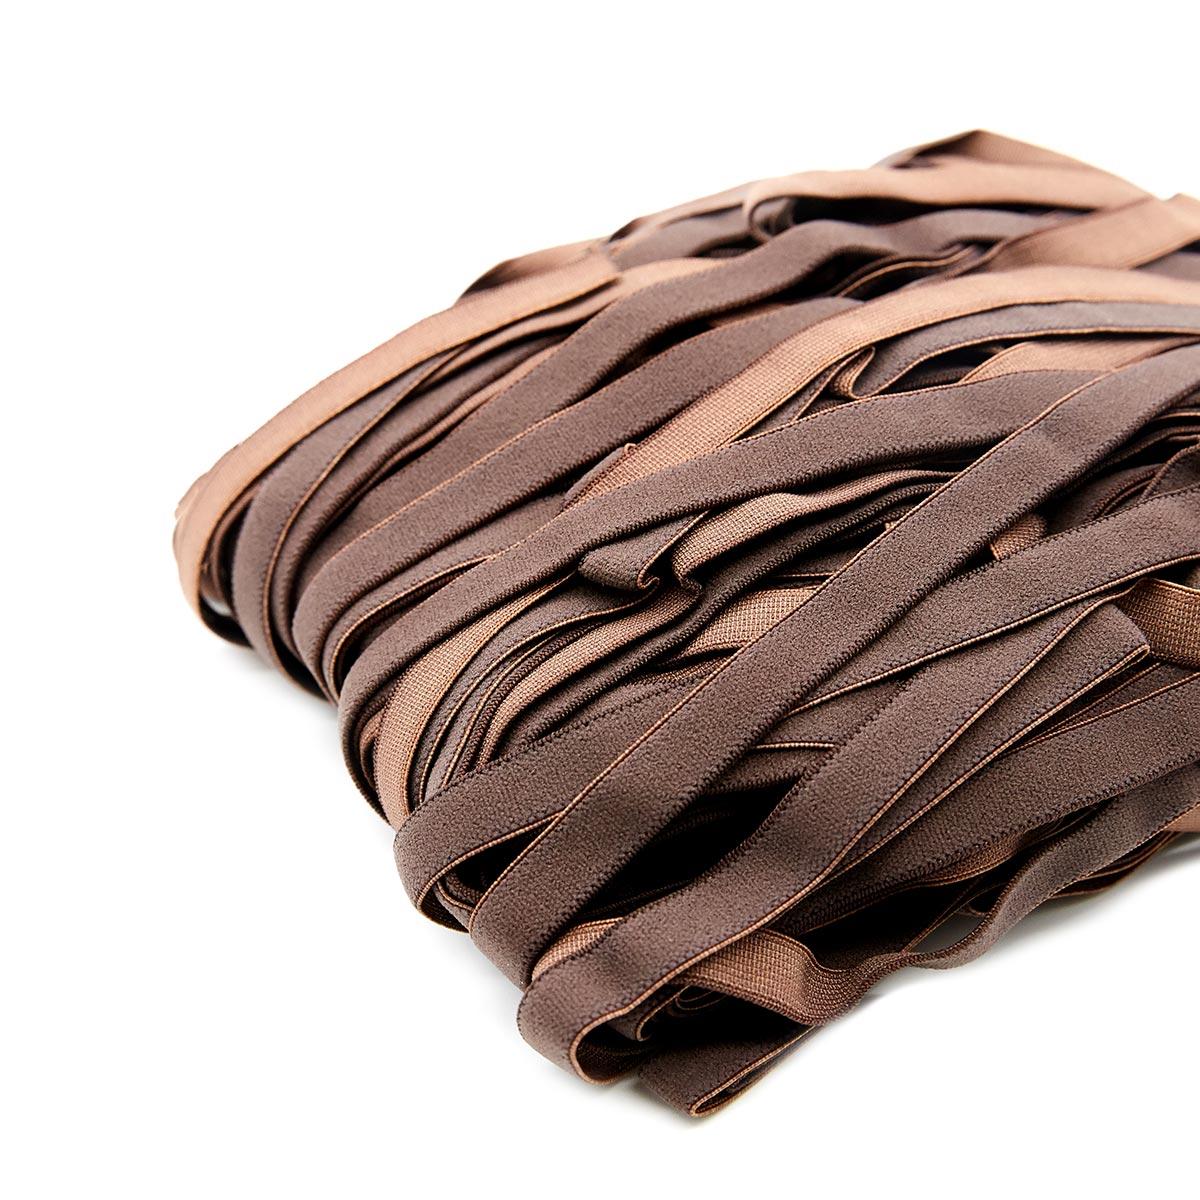 STP/78 эластичная отделочная лента 10мм*50м, коричневый